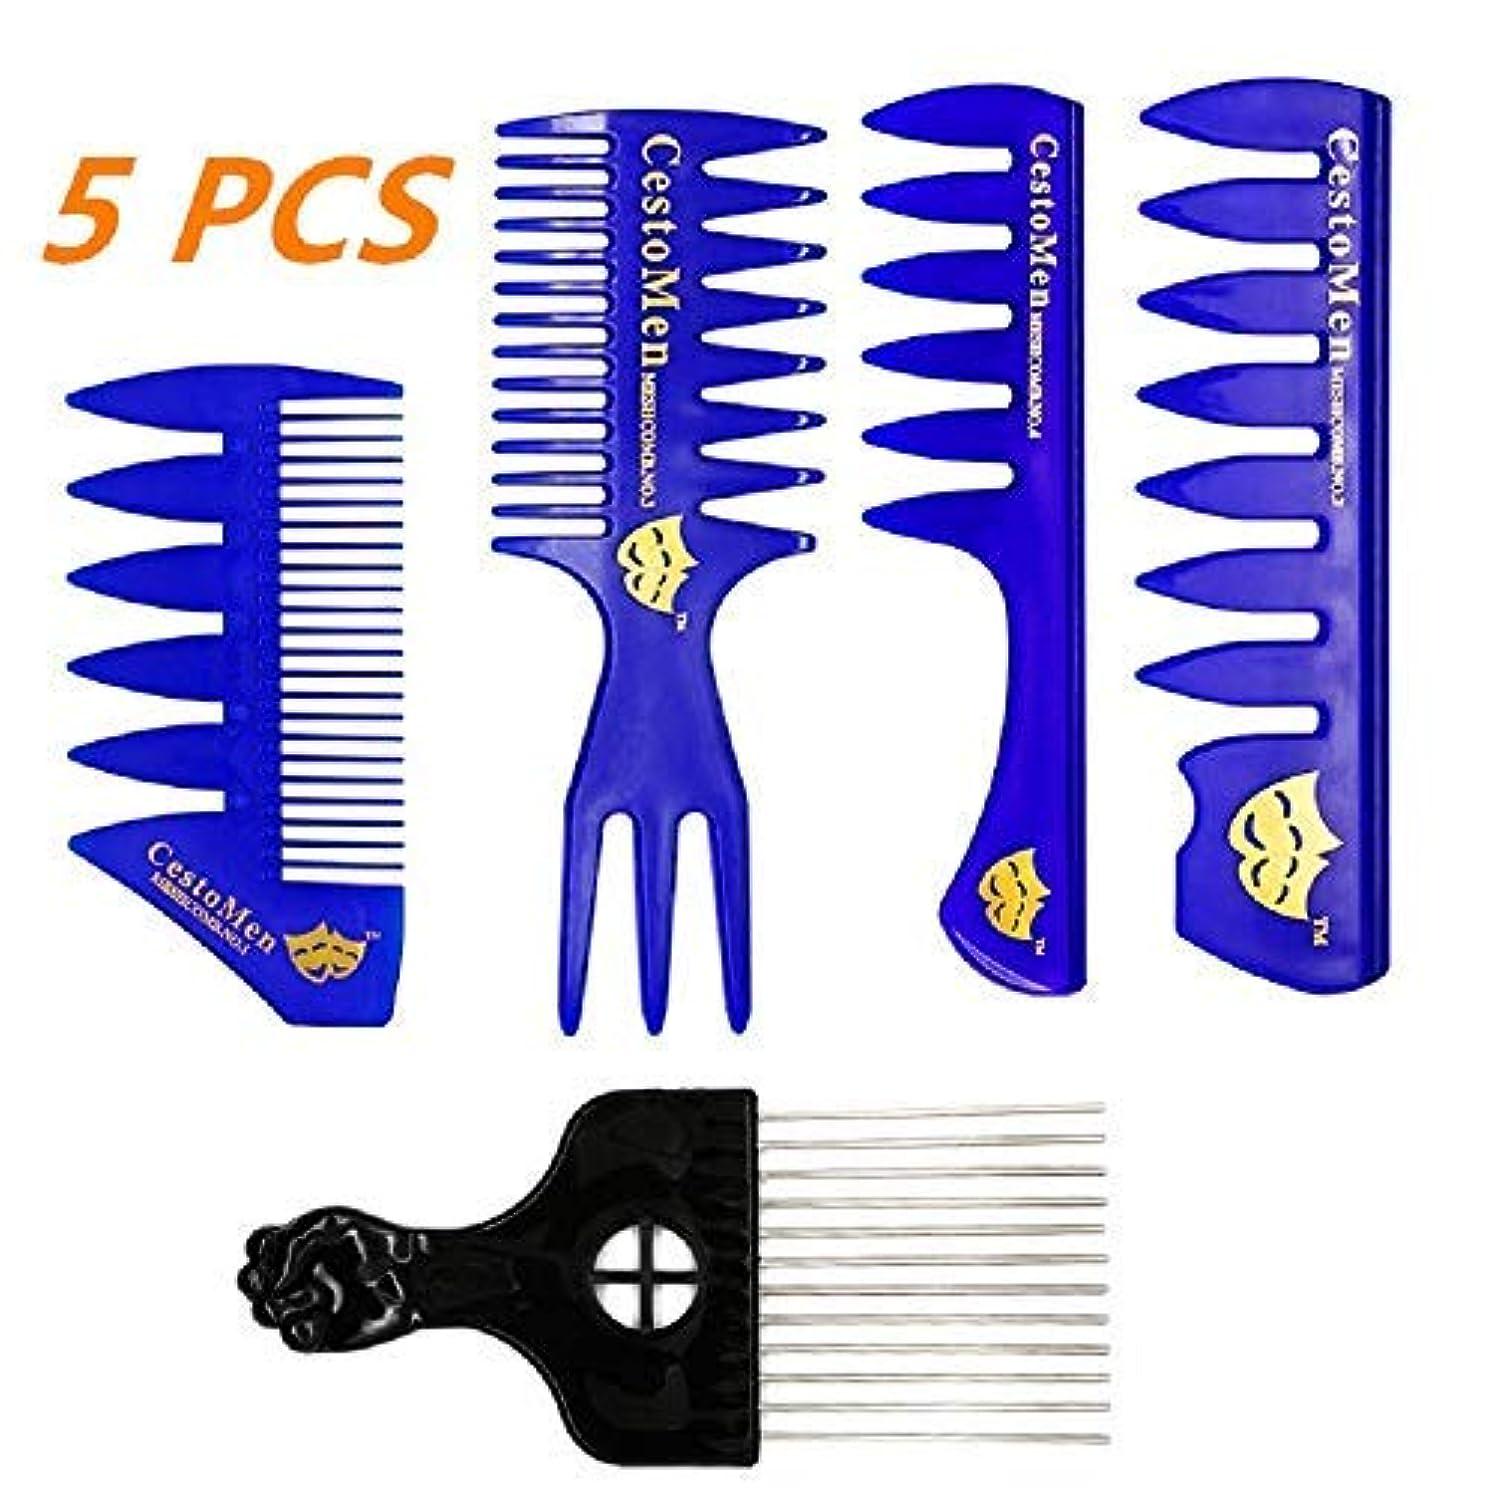 炭素正統派反抗5 PCS Hair Comb Styling Set, Afro Pick Hair & Retro Hairstyle Wet Combs Professional Barber Tool (Blue & Black...